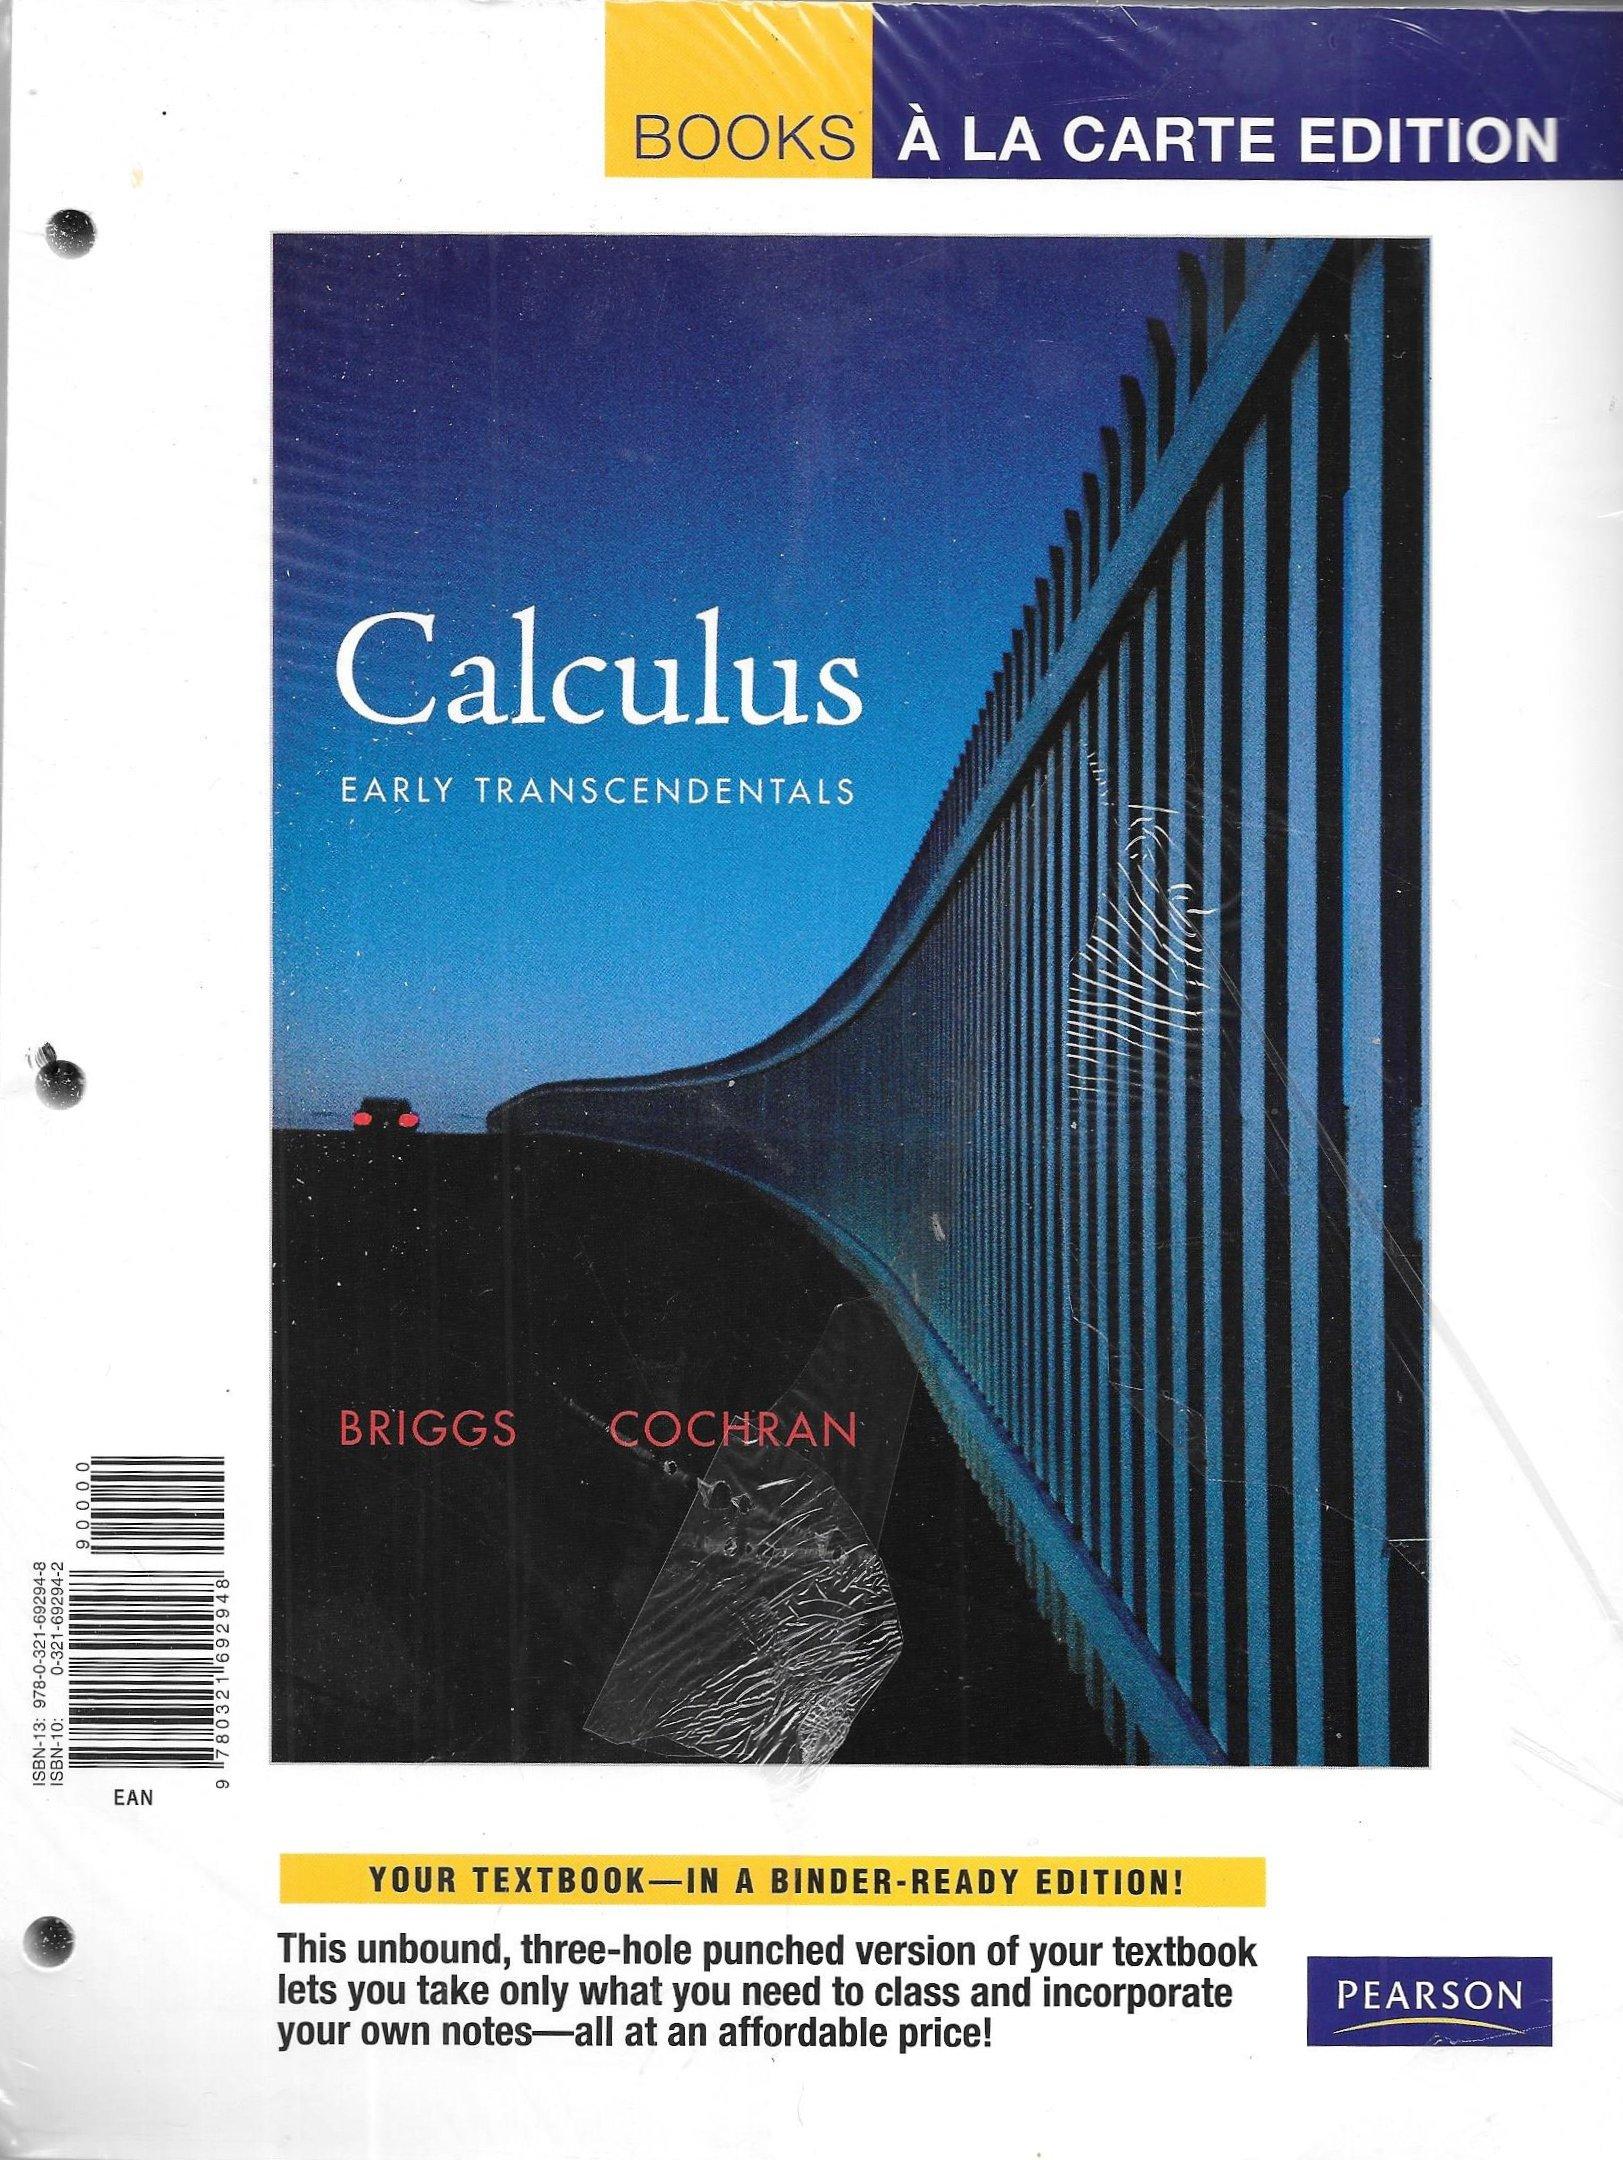 Calculus: Early Transcendentals, Books a la Carte Edition by Bill L Briggs  (2010-01-17): Bill L Briggs;Lyle Cochran;Bernard Gillett: Amazon.com: Books